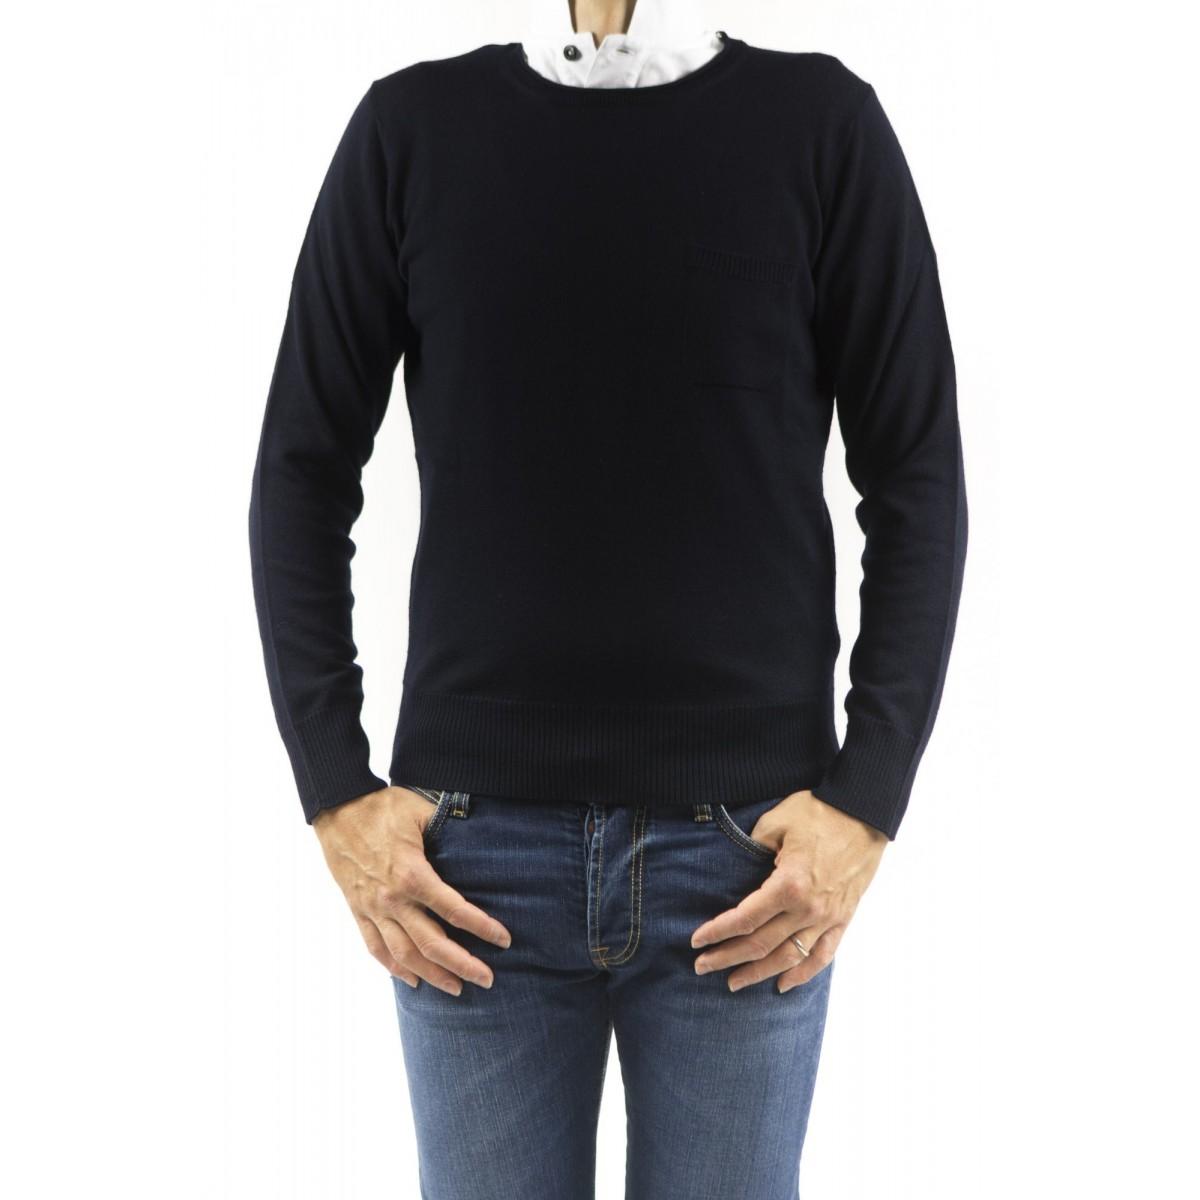 Sweatshirt Kangra Man - 9015/01 02